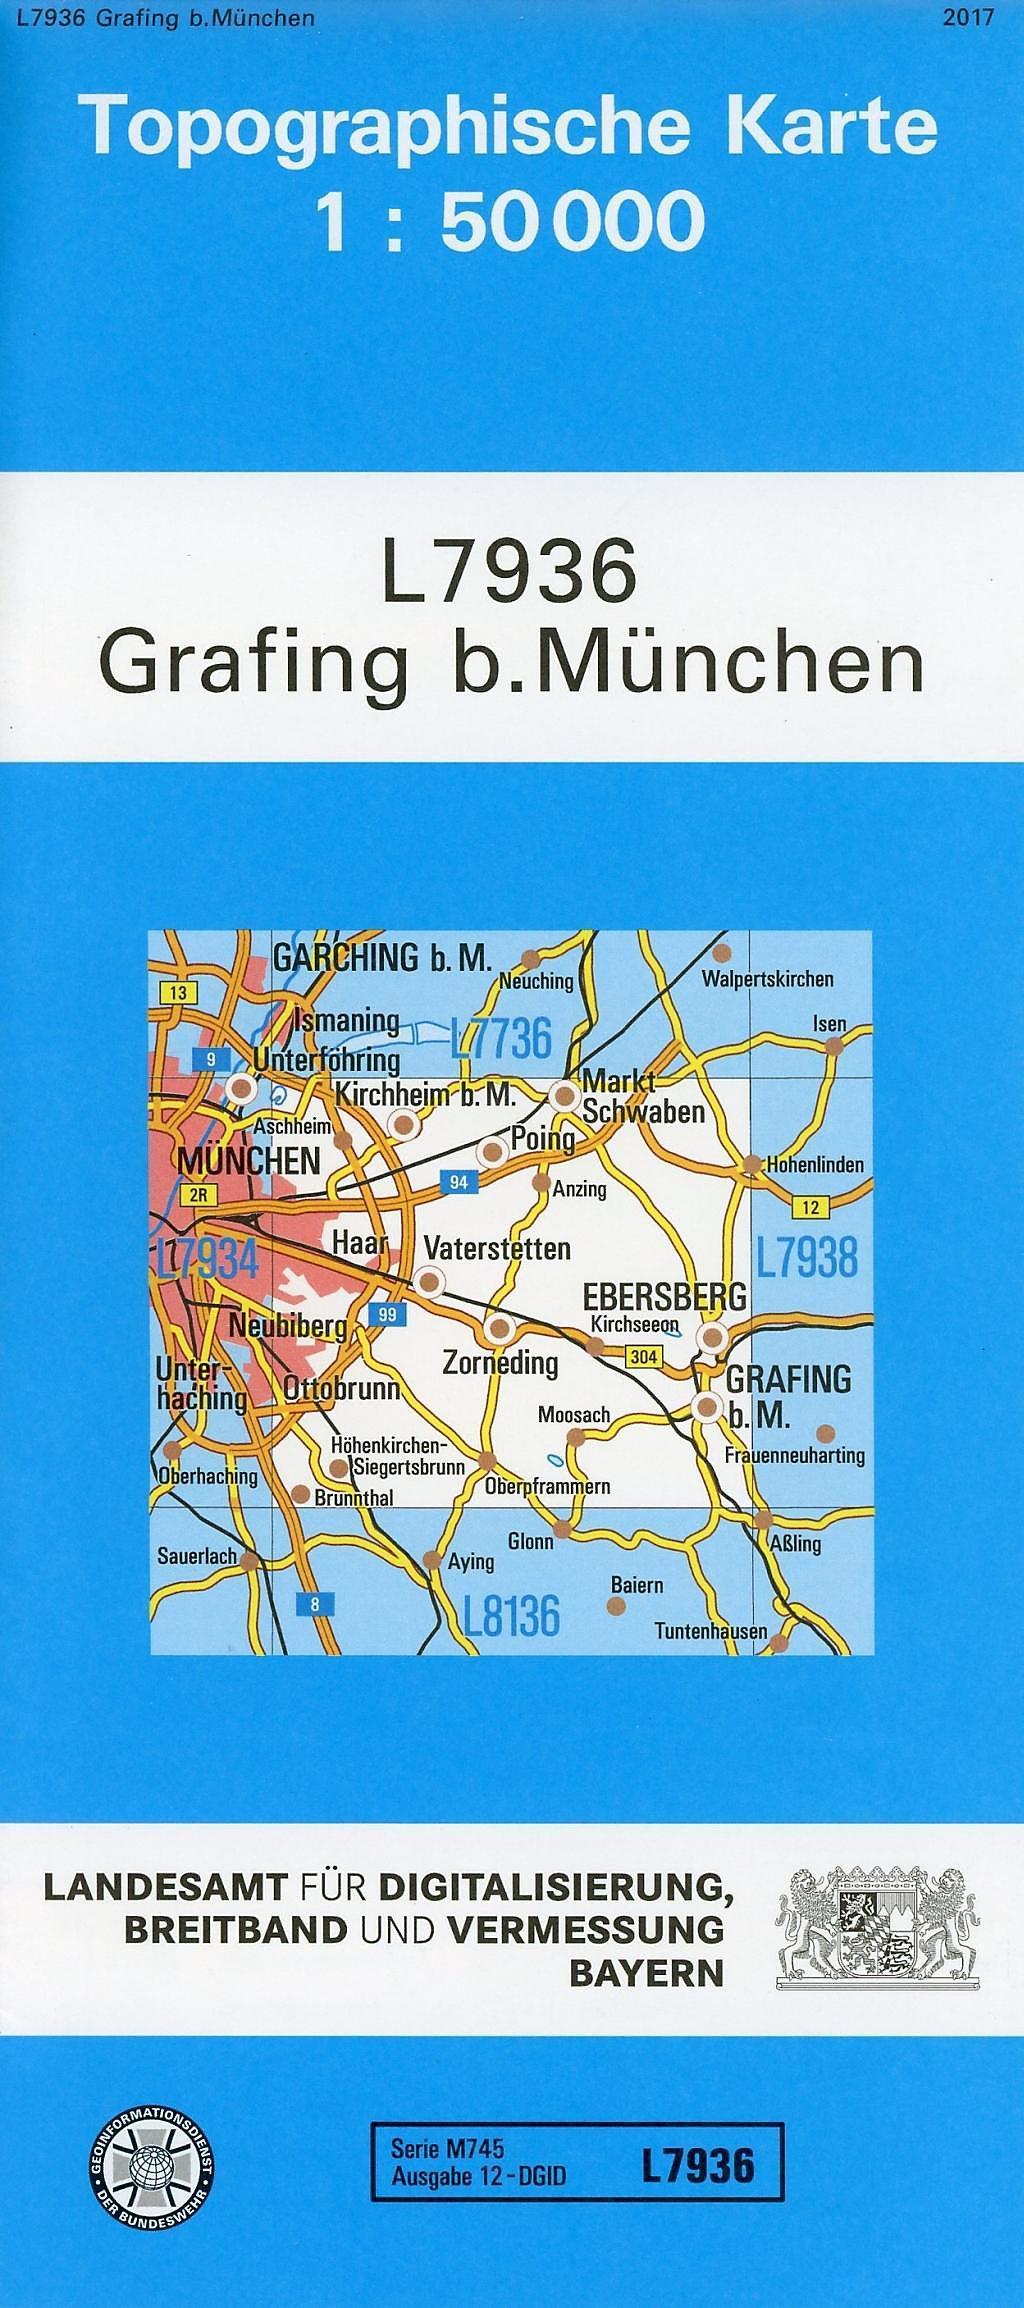 München Karte Bayern.Topographische Karte Bayern Grafing B München Buch Weltbild Ch